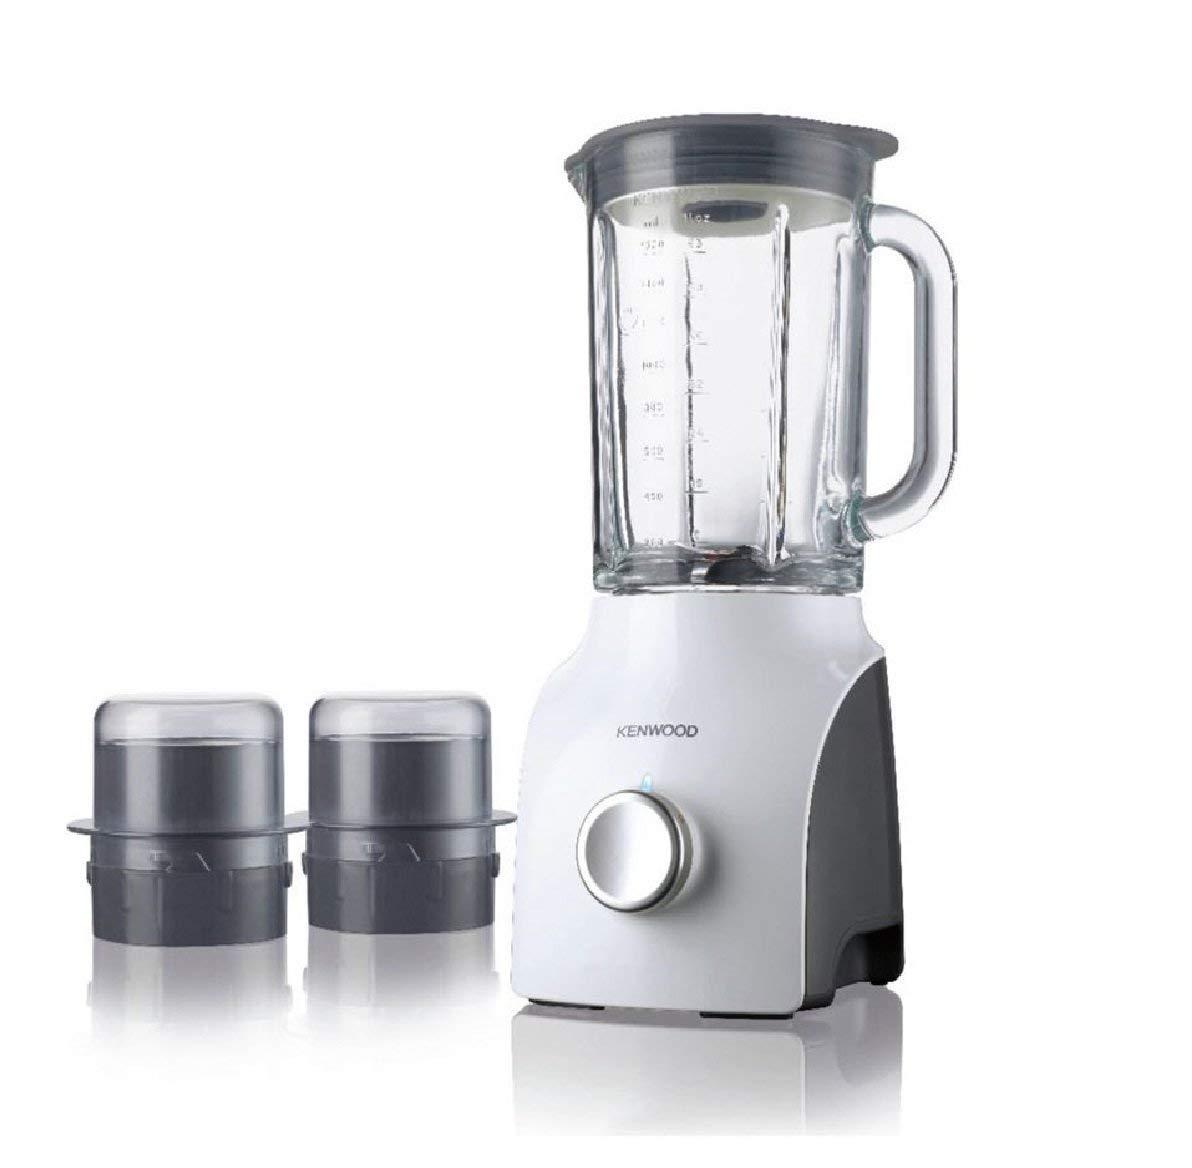 Kenwood Blend X Classic Blender, 1.5 Litre, 800 W, White BLP607